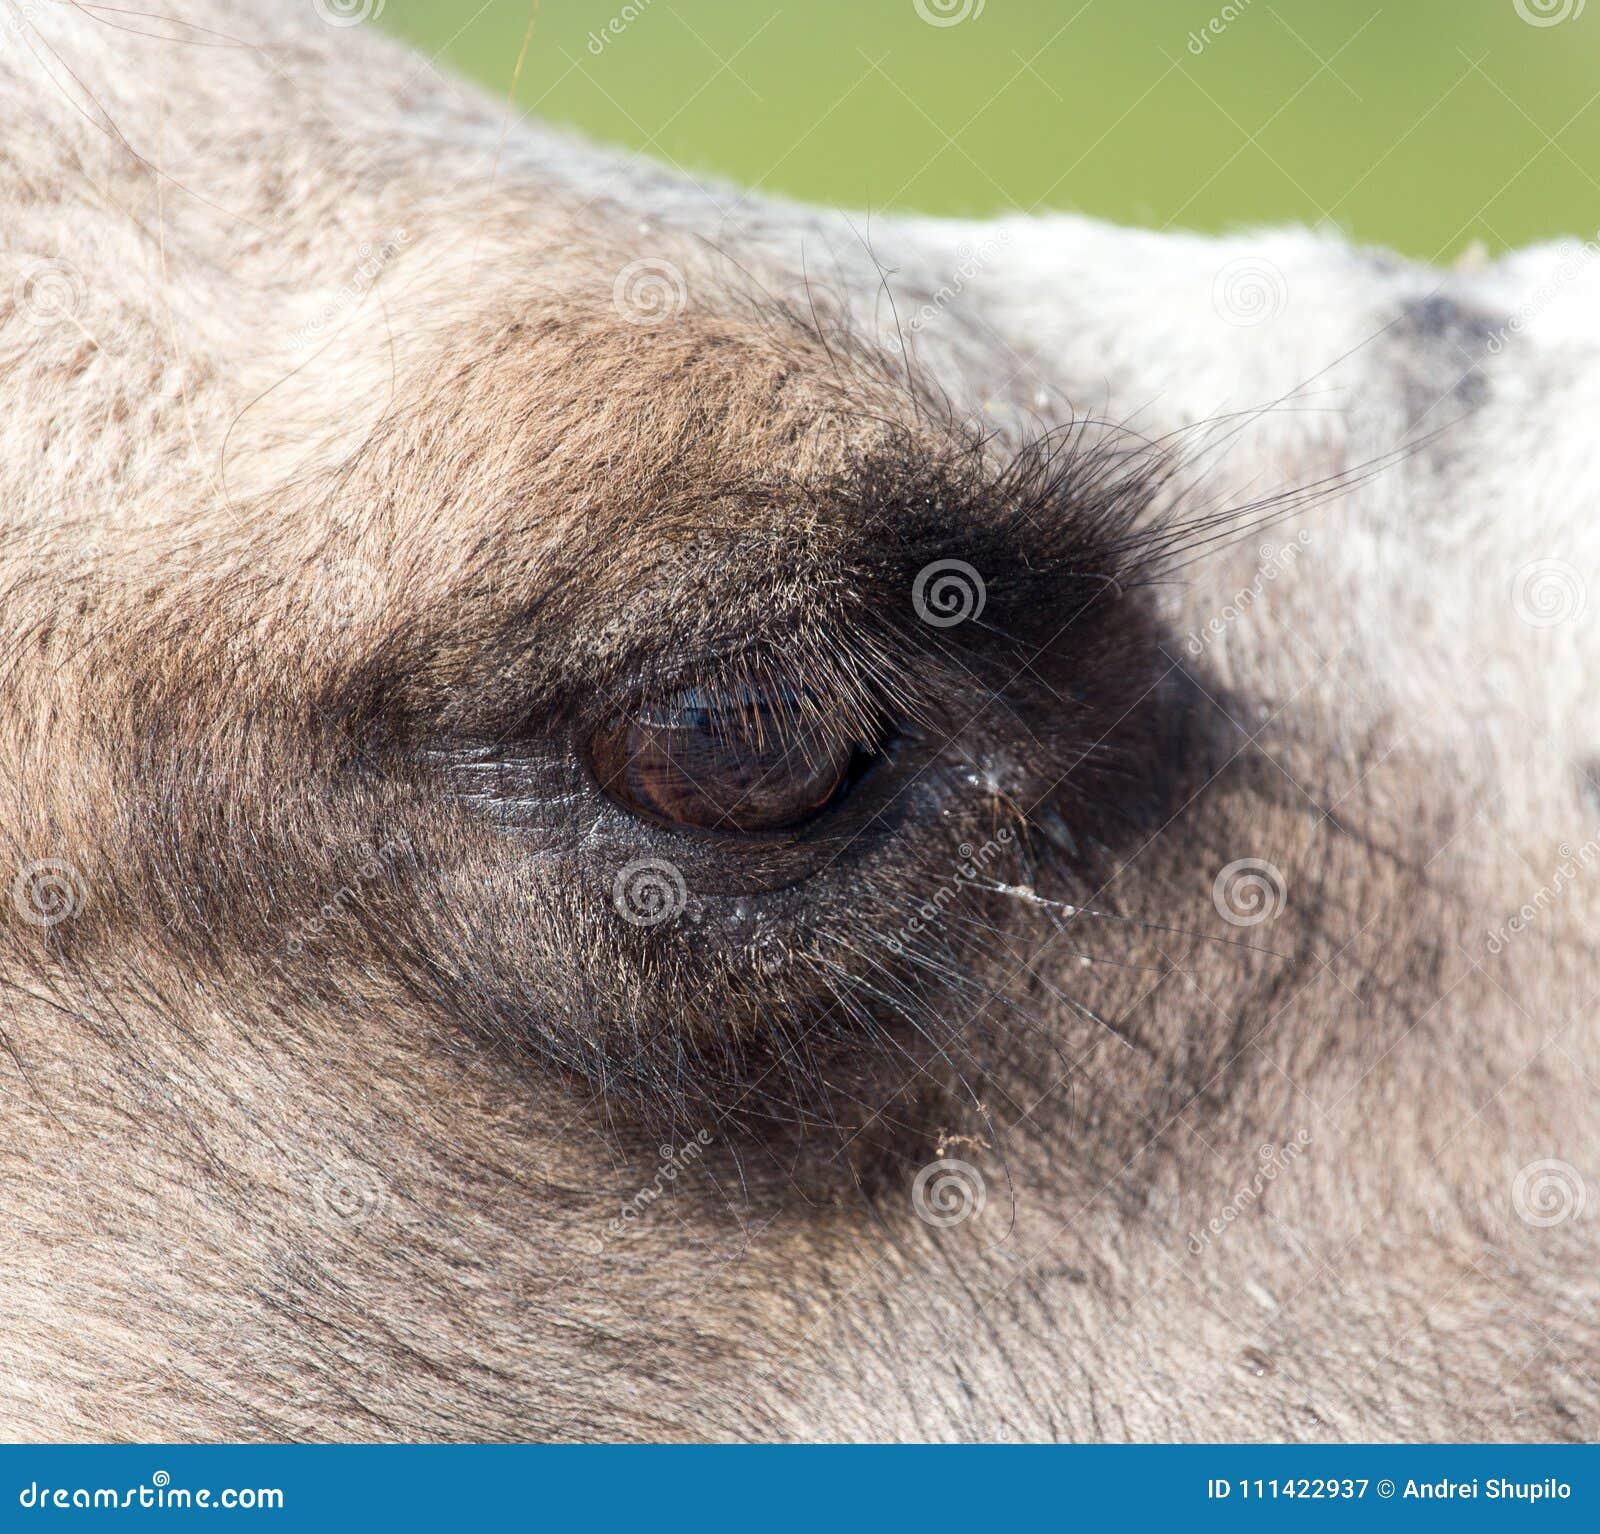 Ögon av en kamel